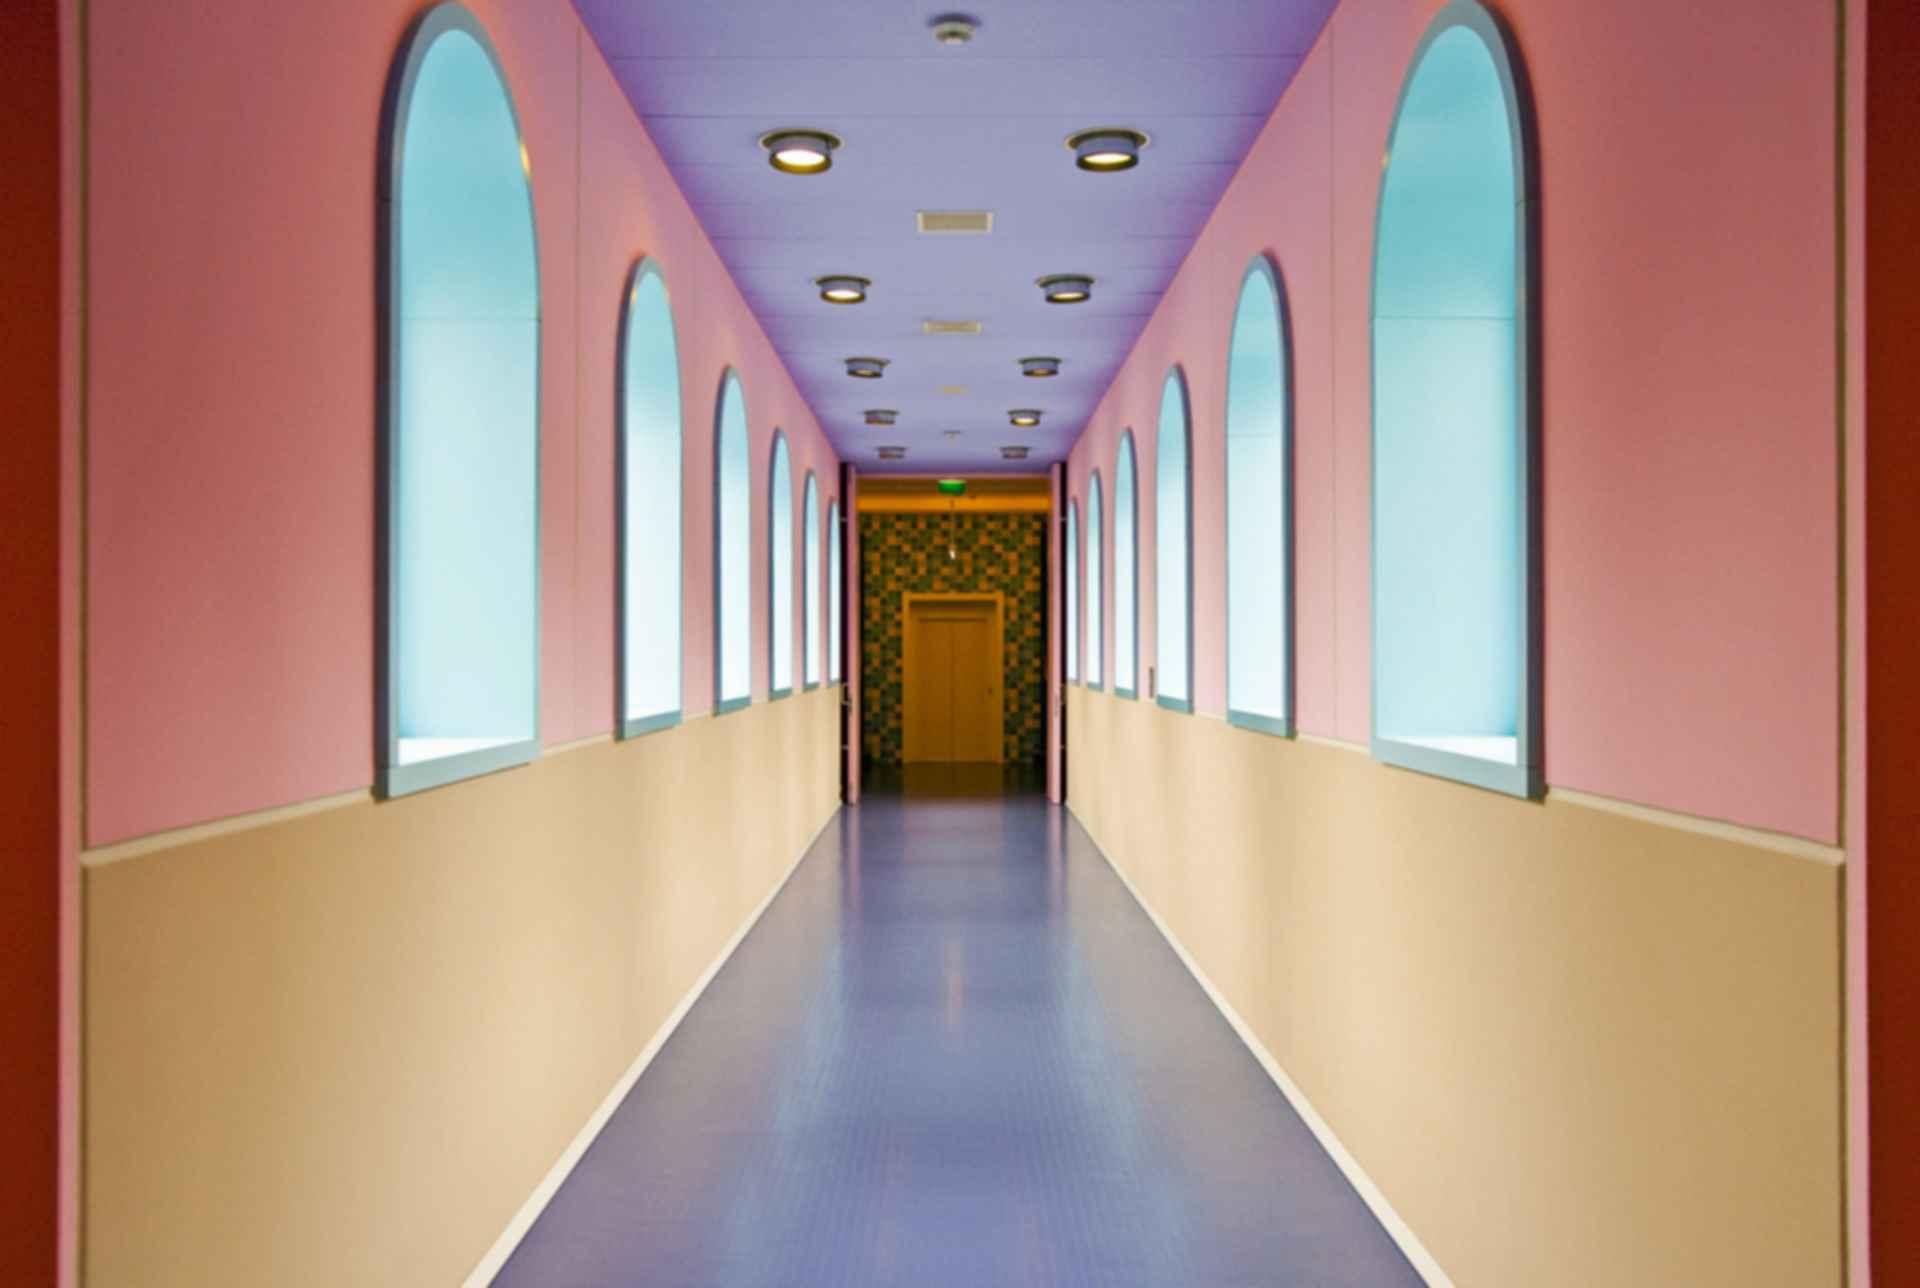 Groninger Museum - Interior